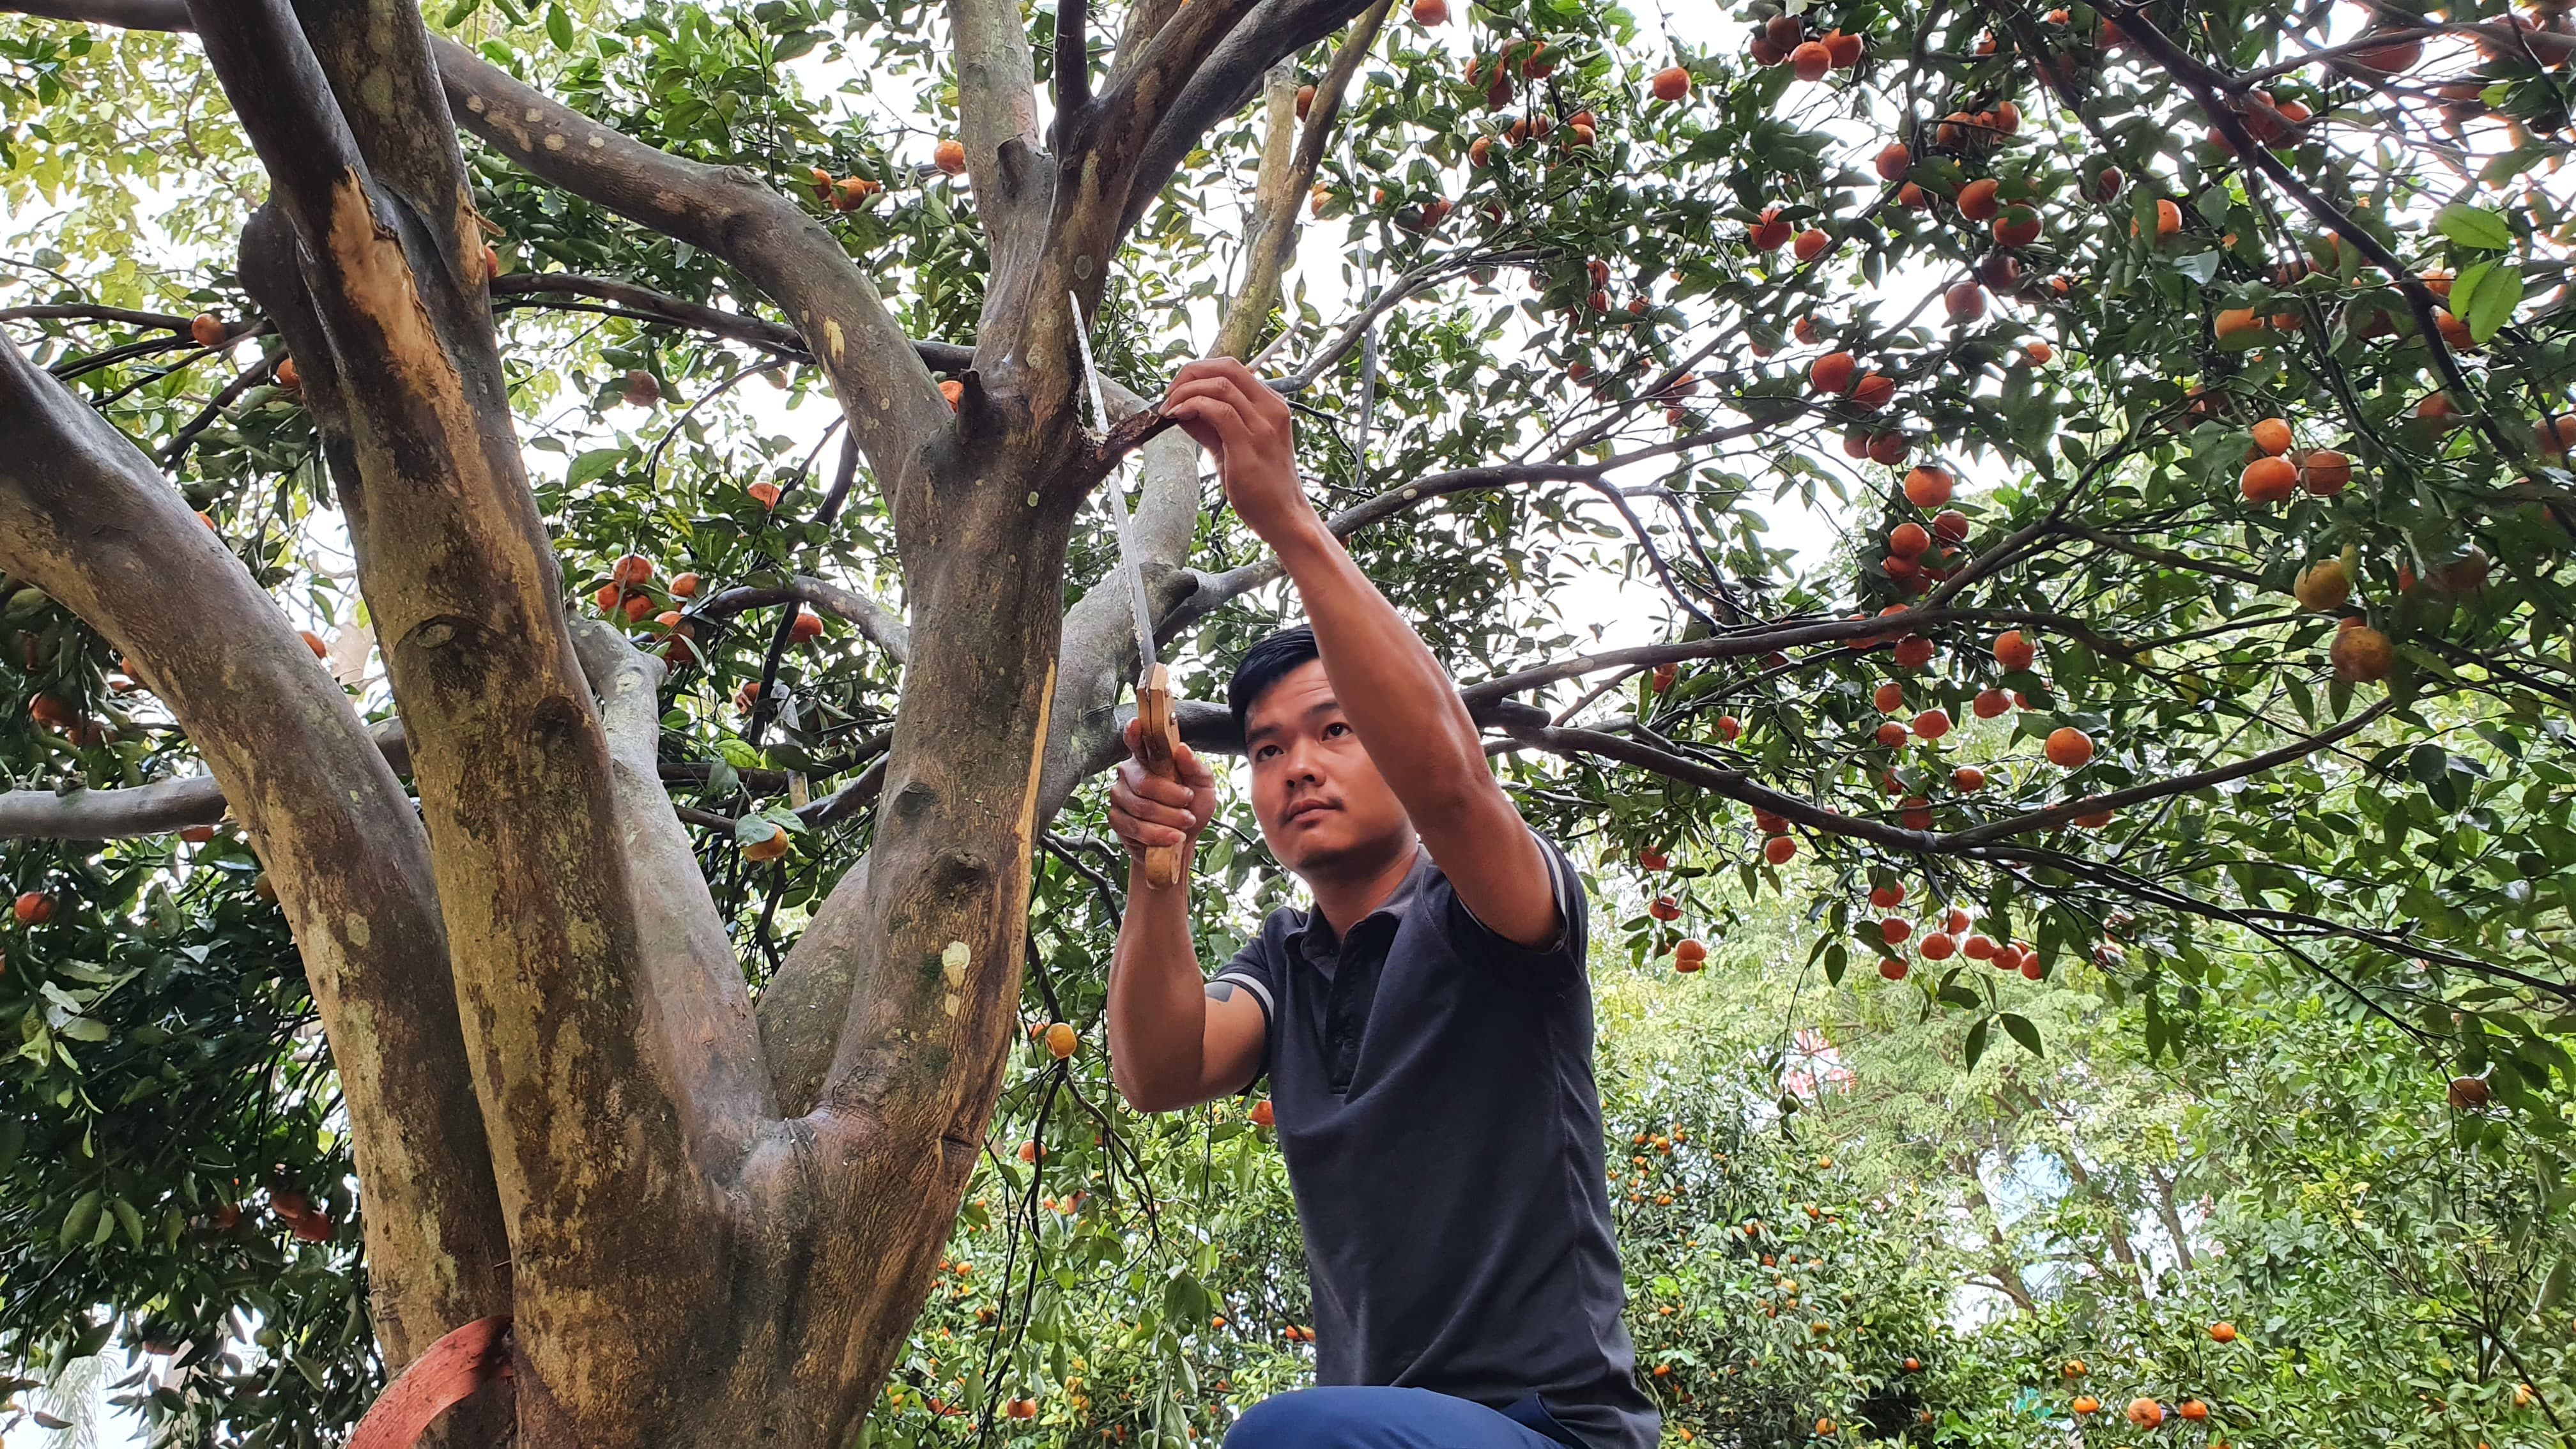 Chiêm ngưỡng cây quýt cổ thụ chưng Tết được đào từ rừng về có giá 100 triệu đồng - Ảnh 6.